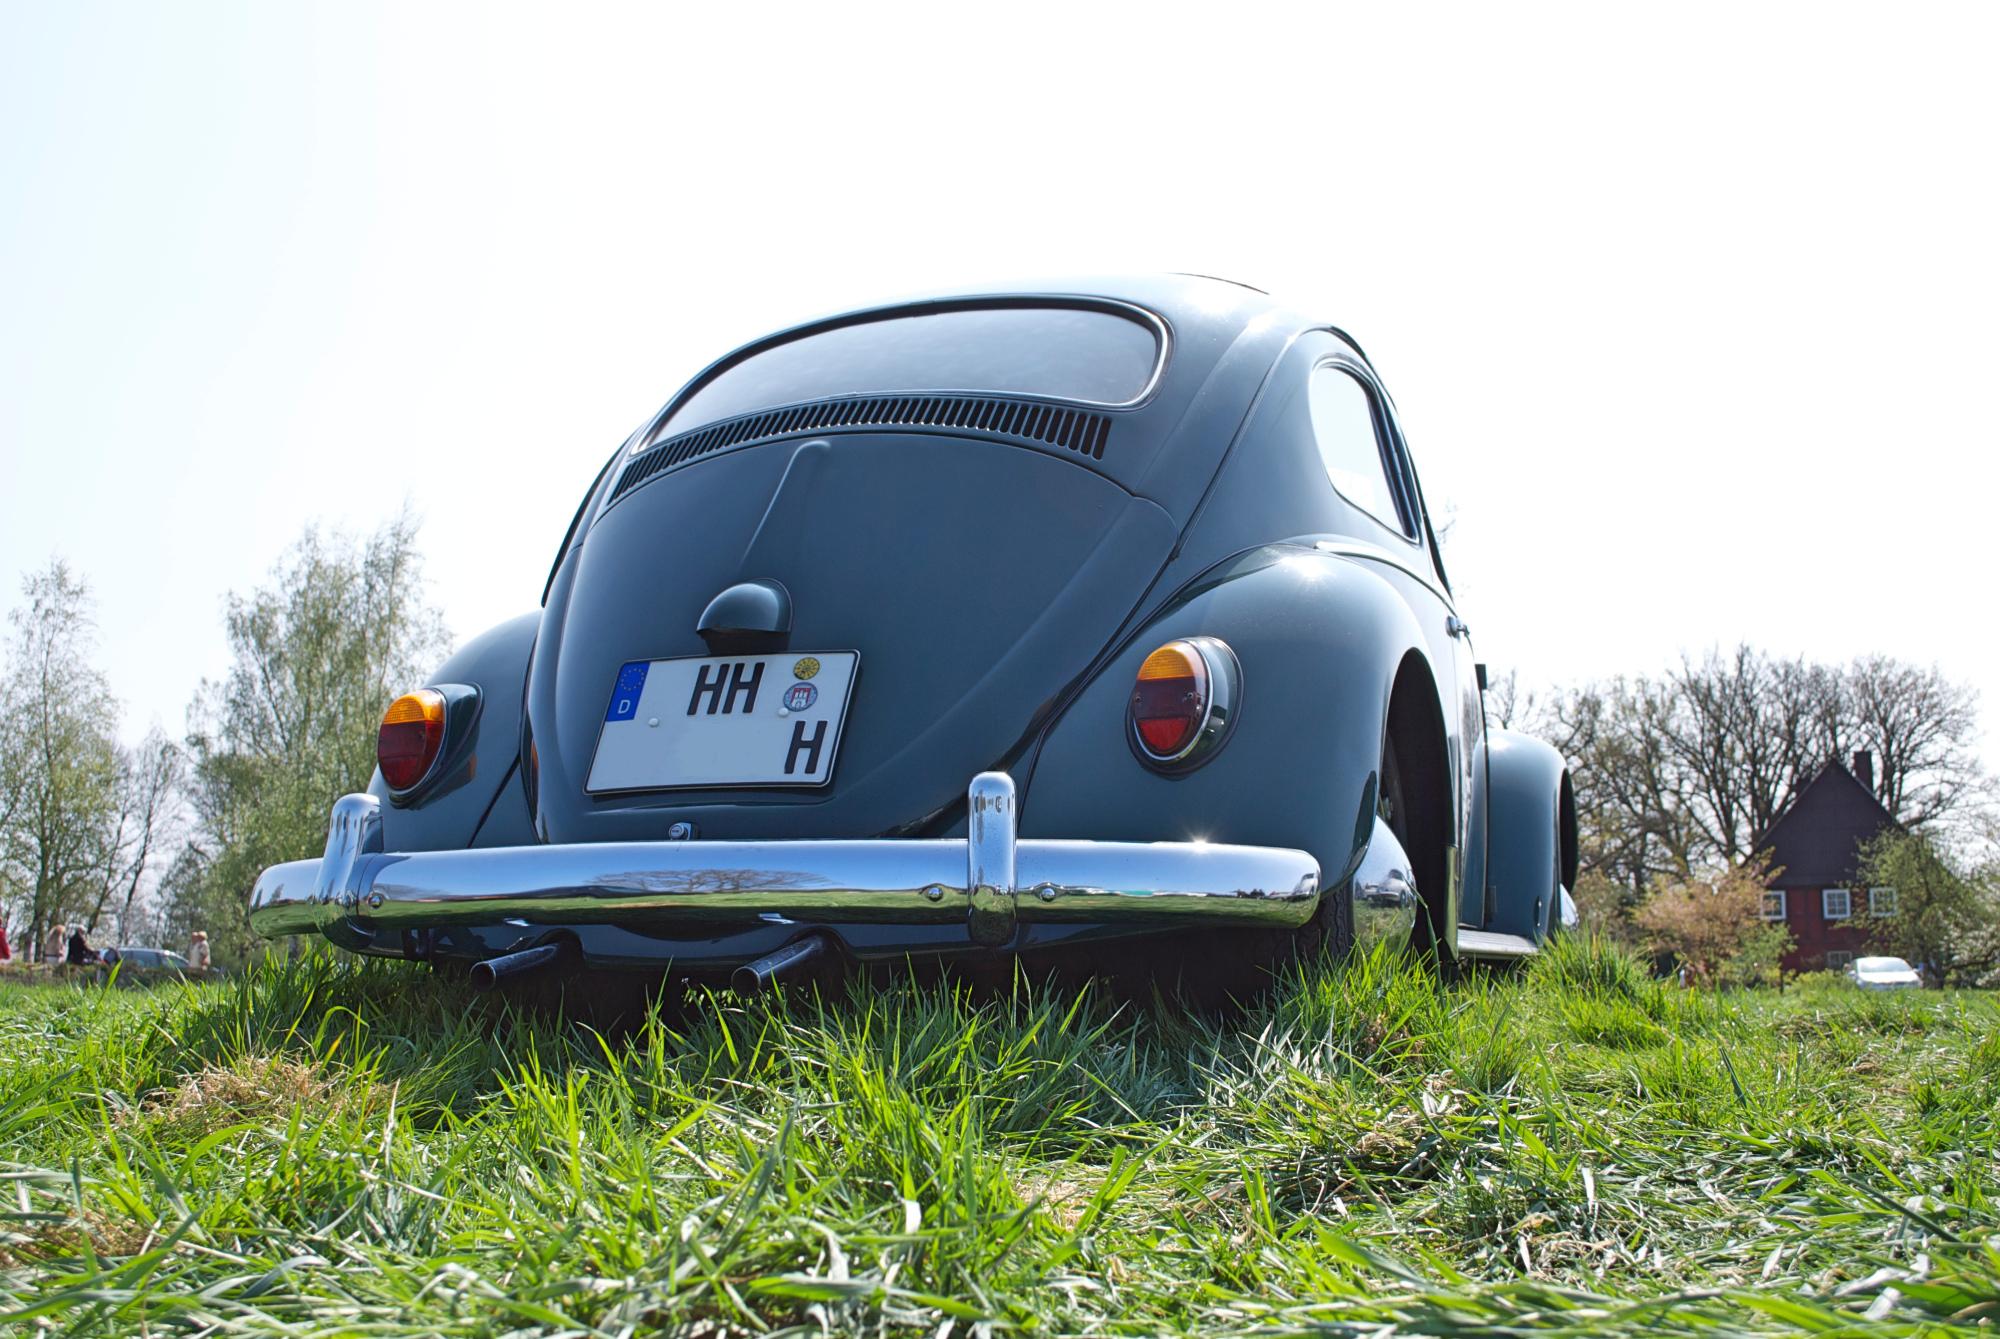 VW Typ 1